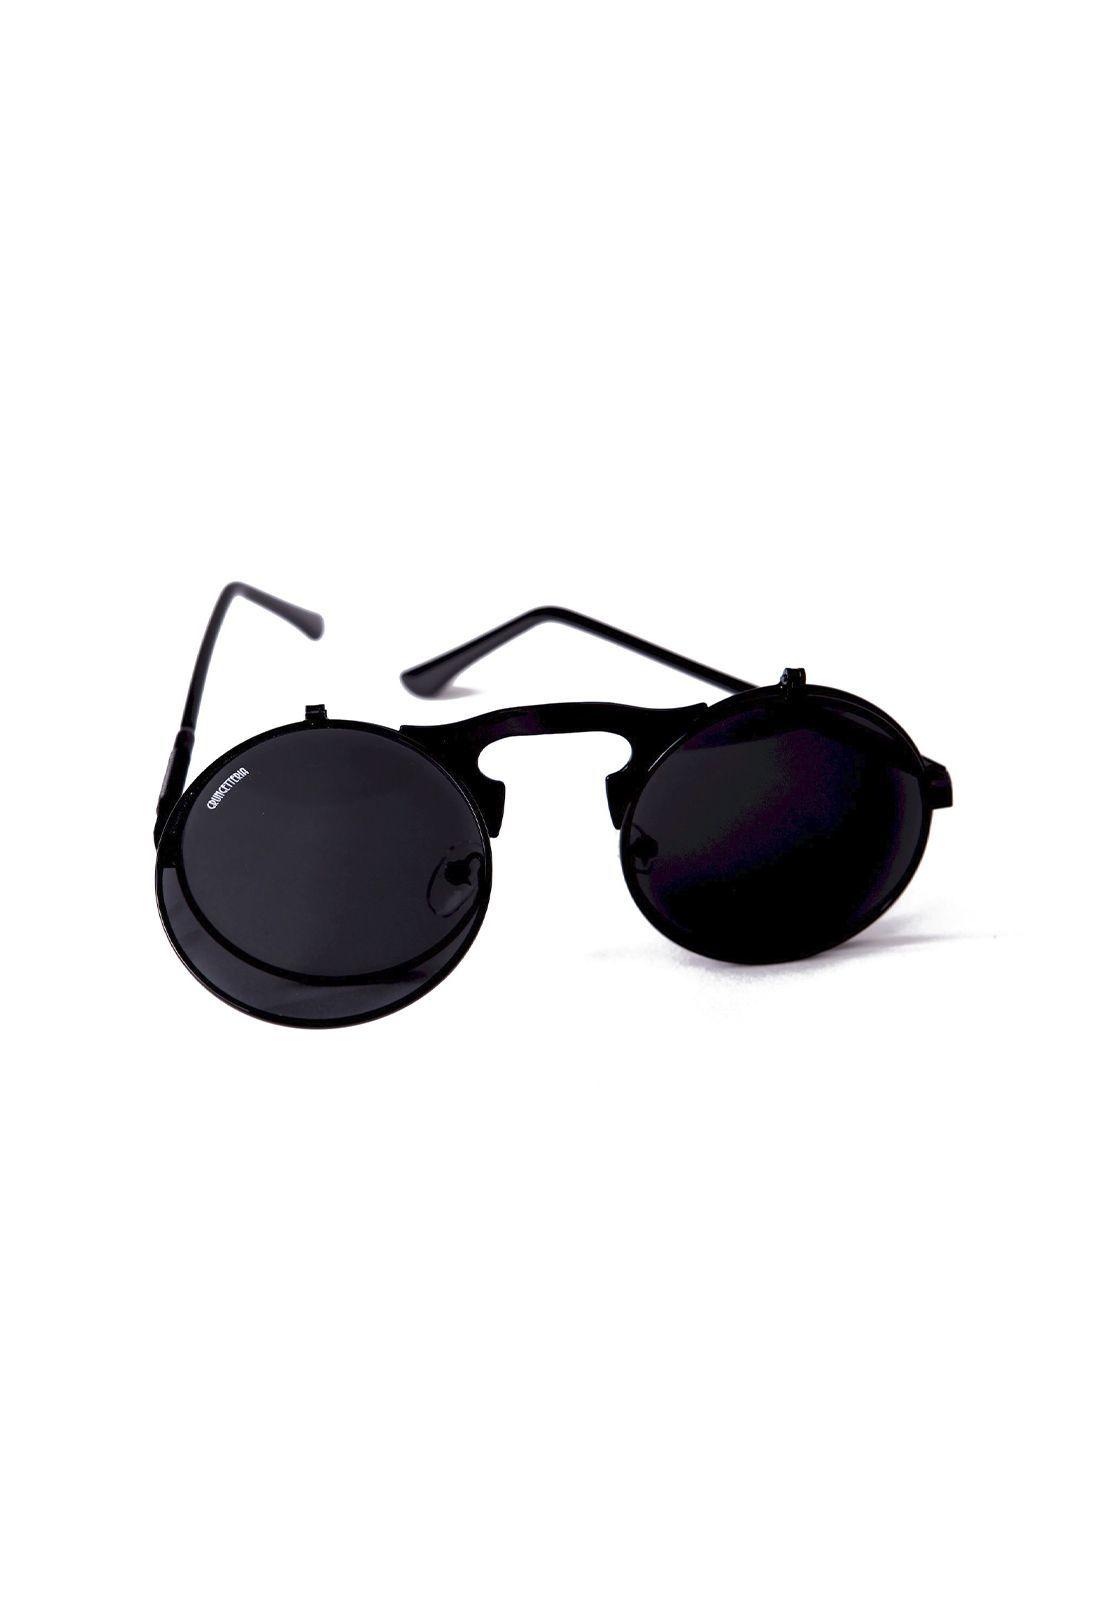 Óculos de Sol Grungetteria Narciso Preto